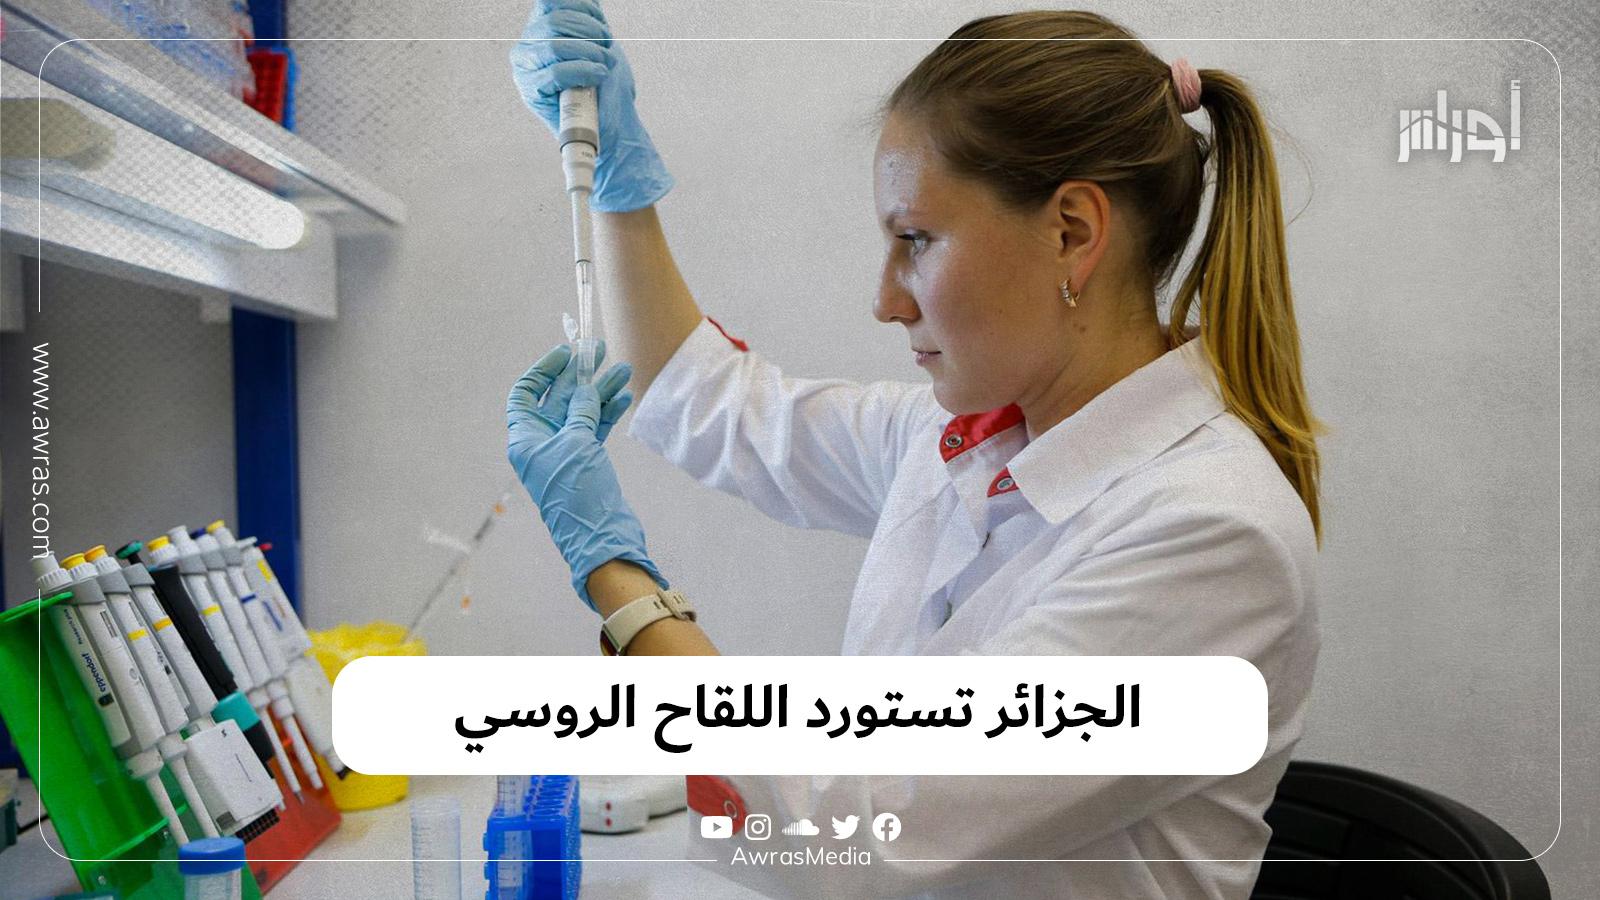 الجزائر تستورد اللقاح الروسي